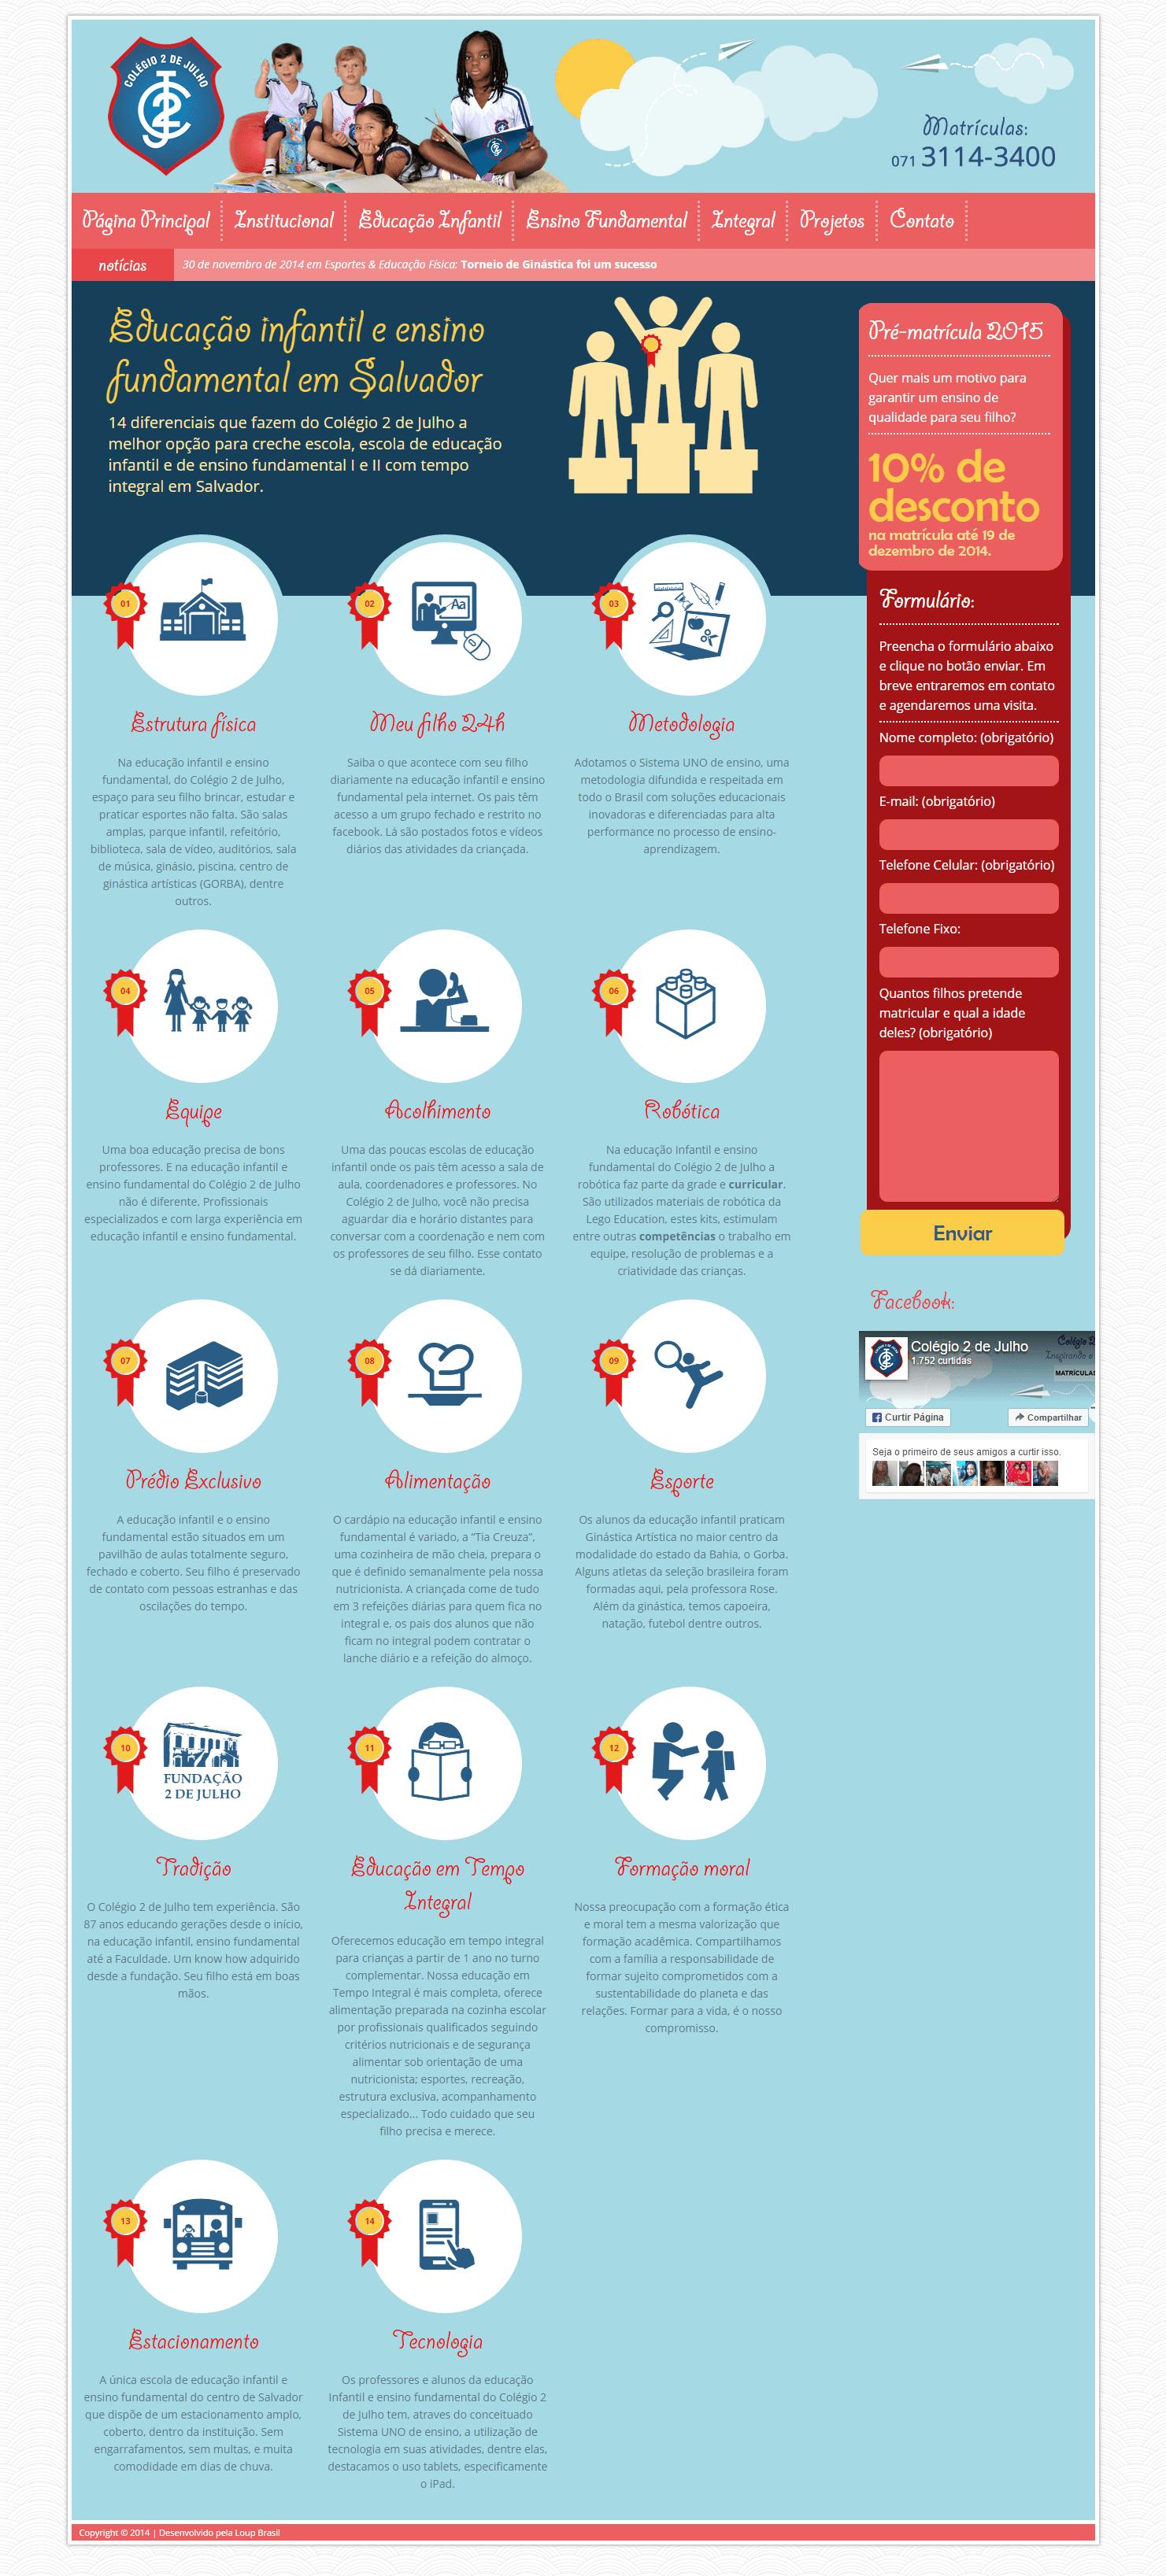 Imagem da capa do site do colégio 2 de julho.